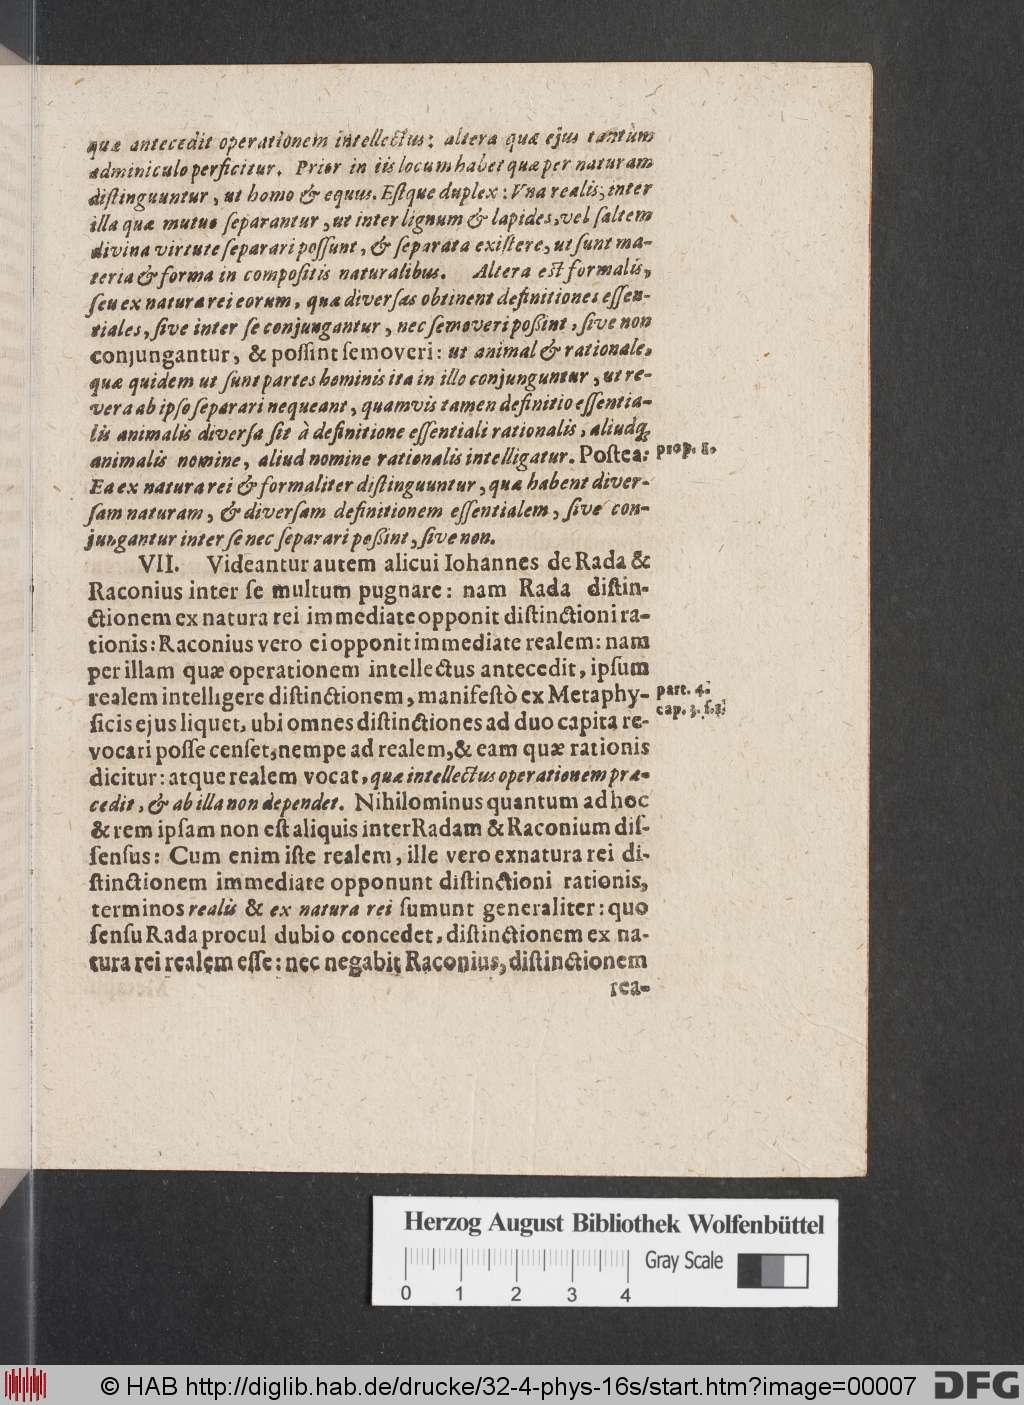 https://diglib.hab.de/drucke/32-4-phys-16s/00007.jpg